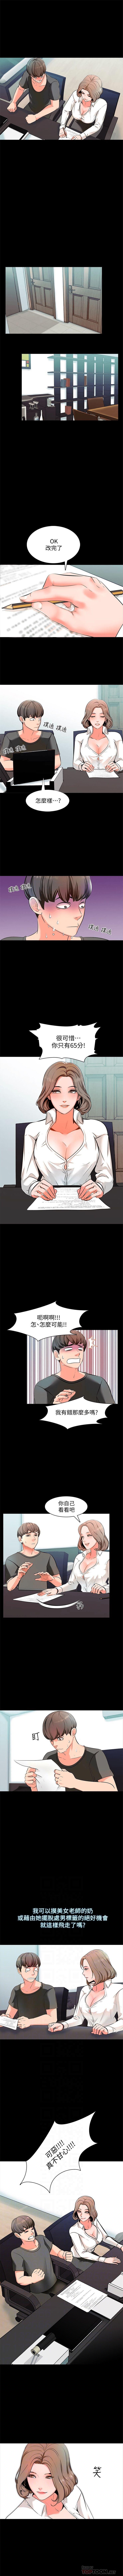 (週1)家教老師  1-21 中文翻譯(更新中) 10